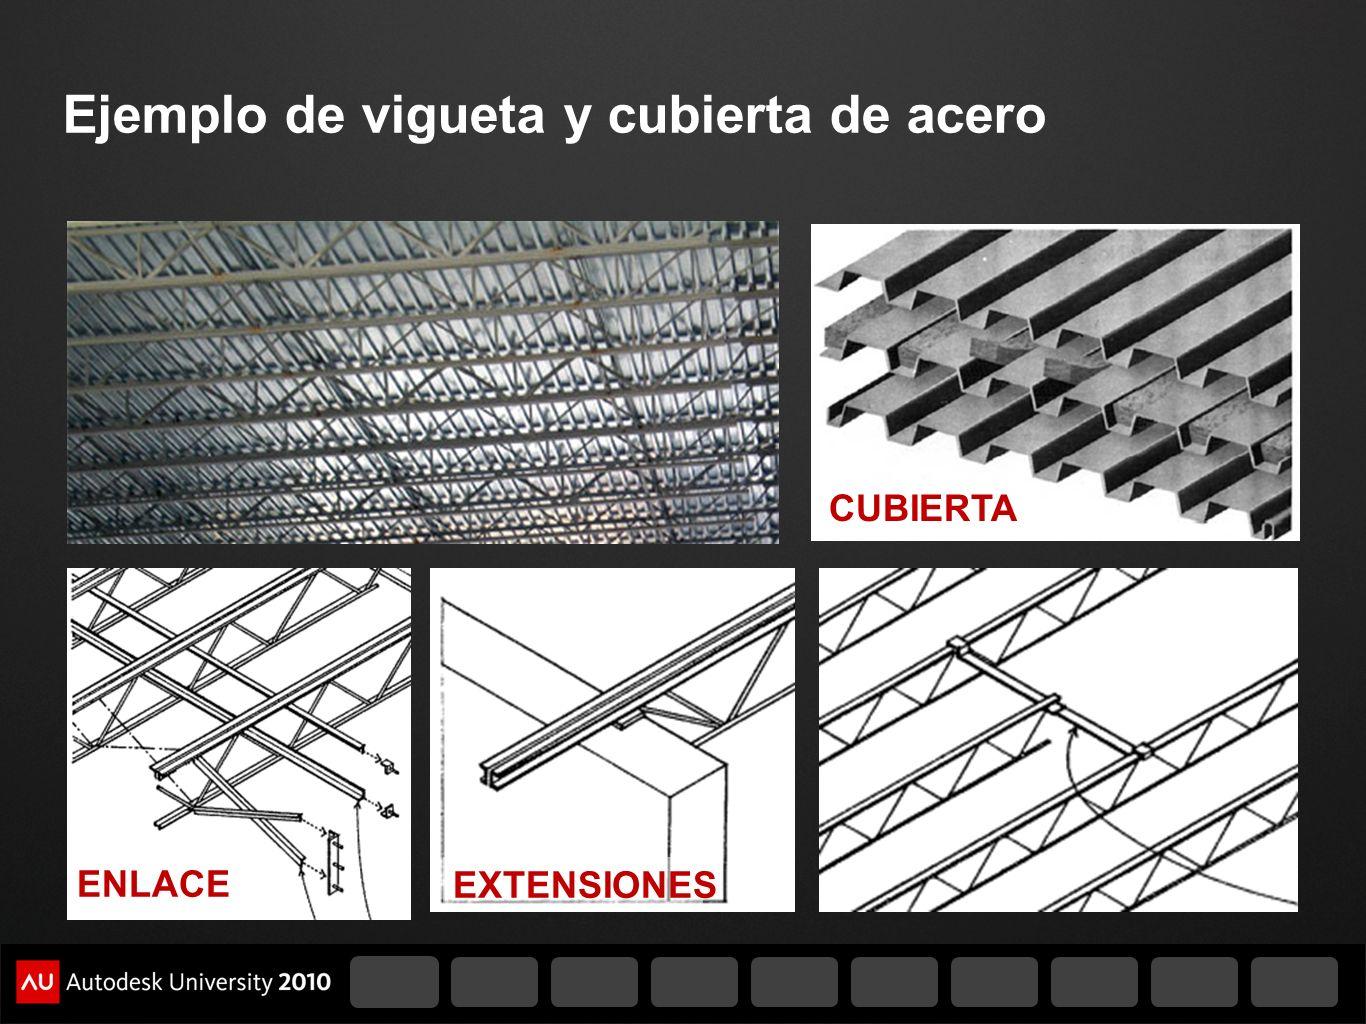 Ejemplo de vigueta y cubierta de acero ENLACE EXTENSIONES CUBIERTA